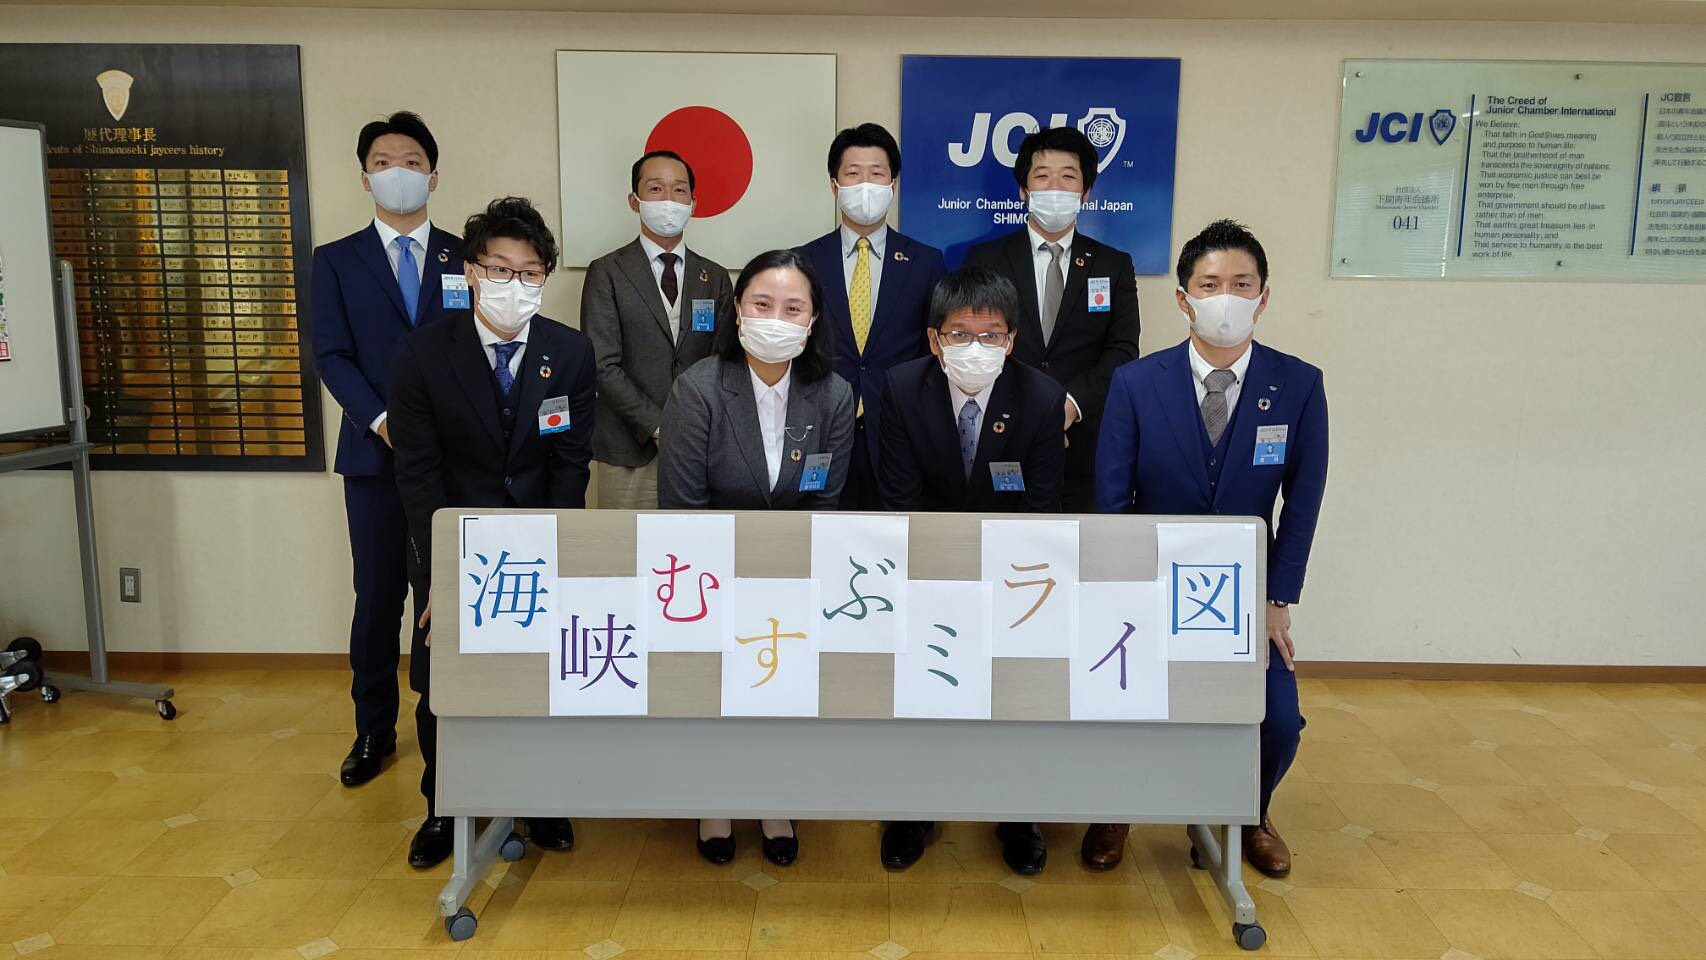 下関北九州道路『海峡むすぶミライ図』絵画受賞者表彰式のサムネイル画像6